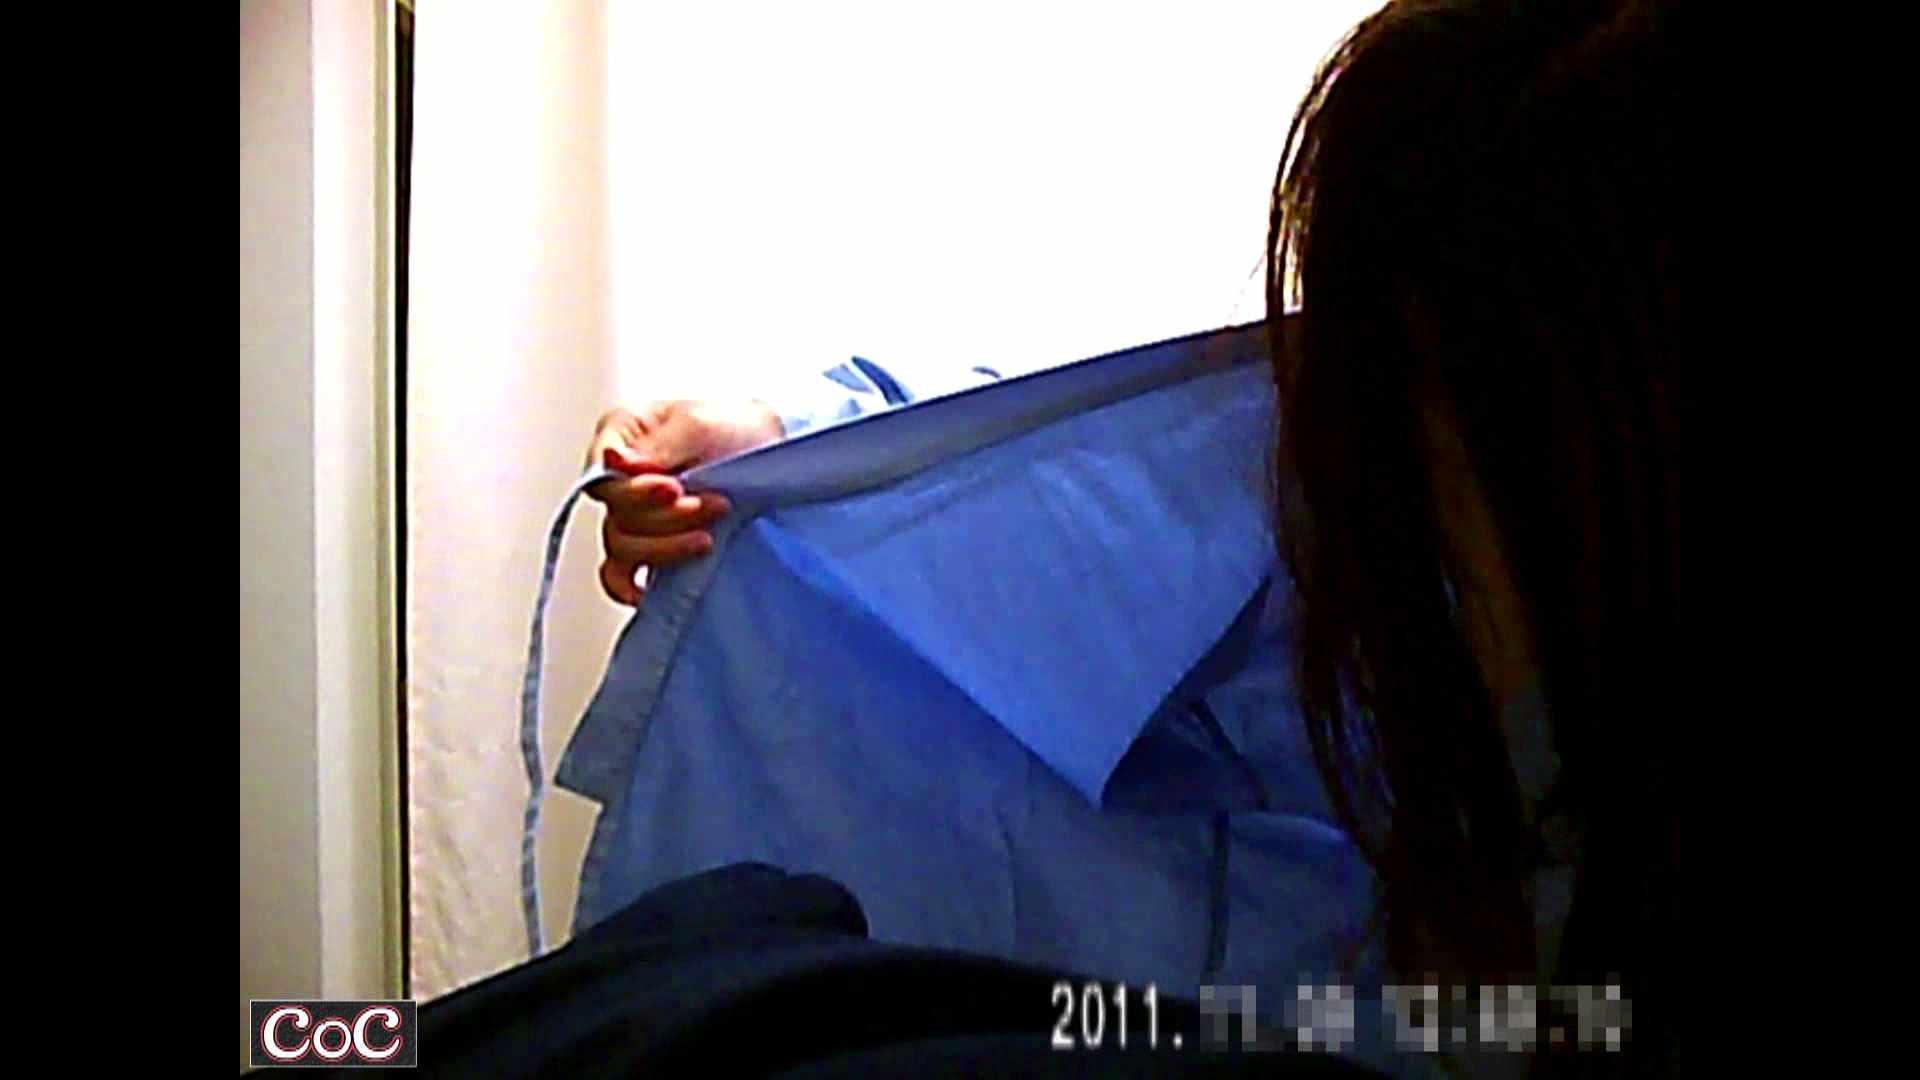 病院おもいっきり着替え! vol.86 乳首 セックス画像 106pic 105